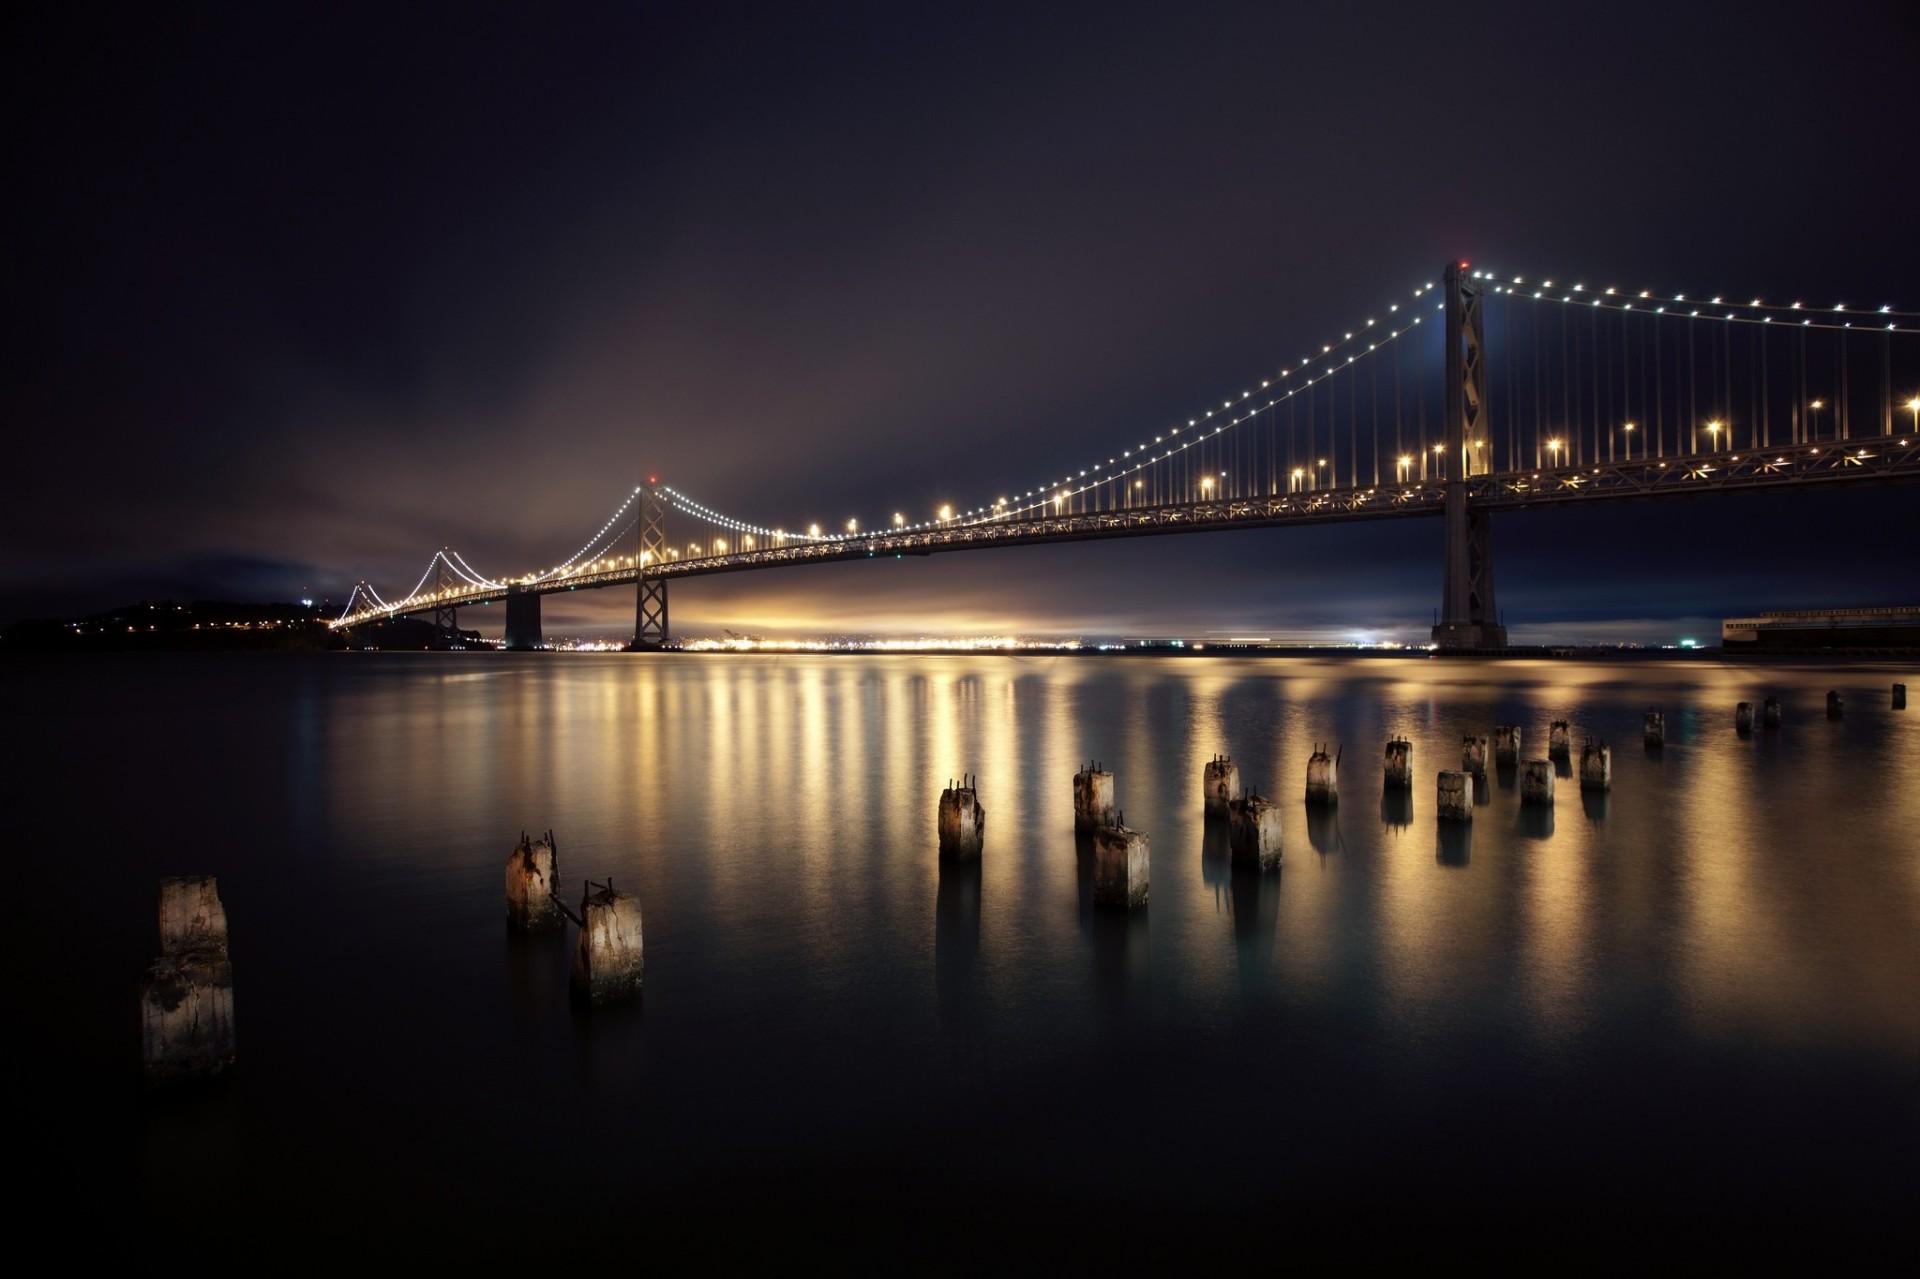 картинка ночной мост для телефона